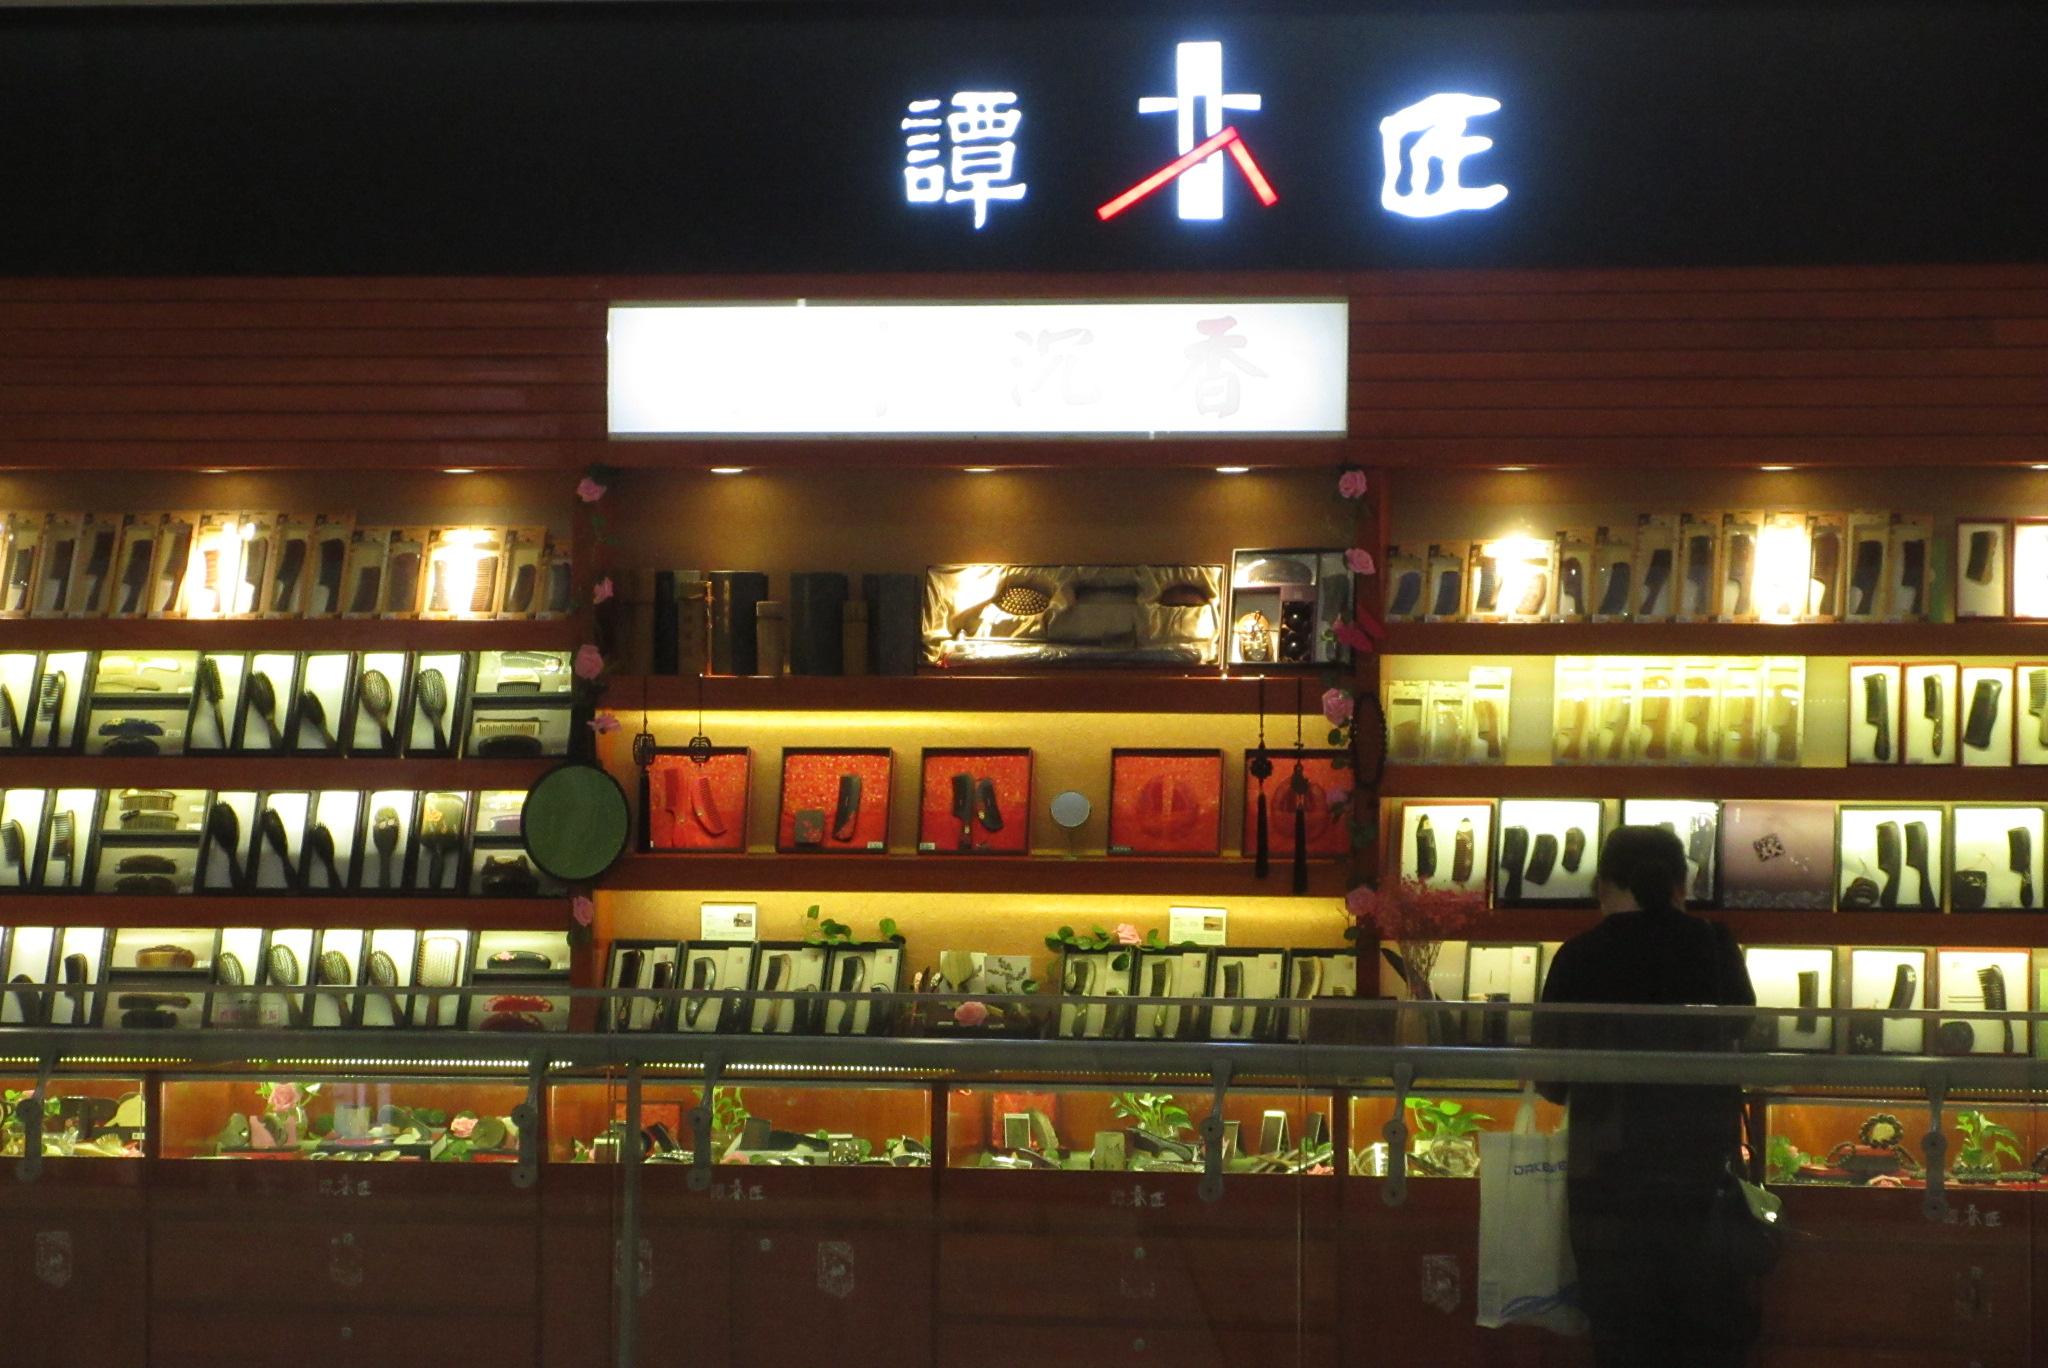 File:SZ 深圳 Shenzhen 蛇口 Shekou 花園城市中心 Garden City Center ...